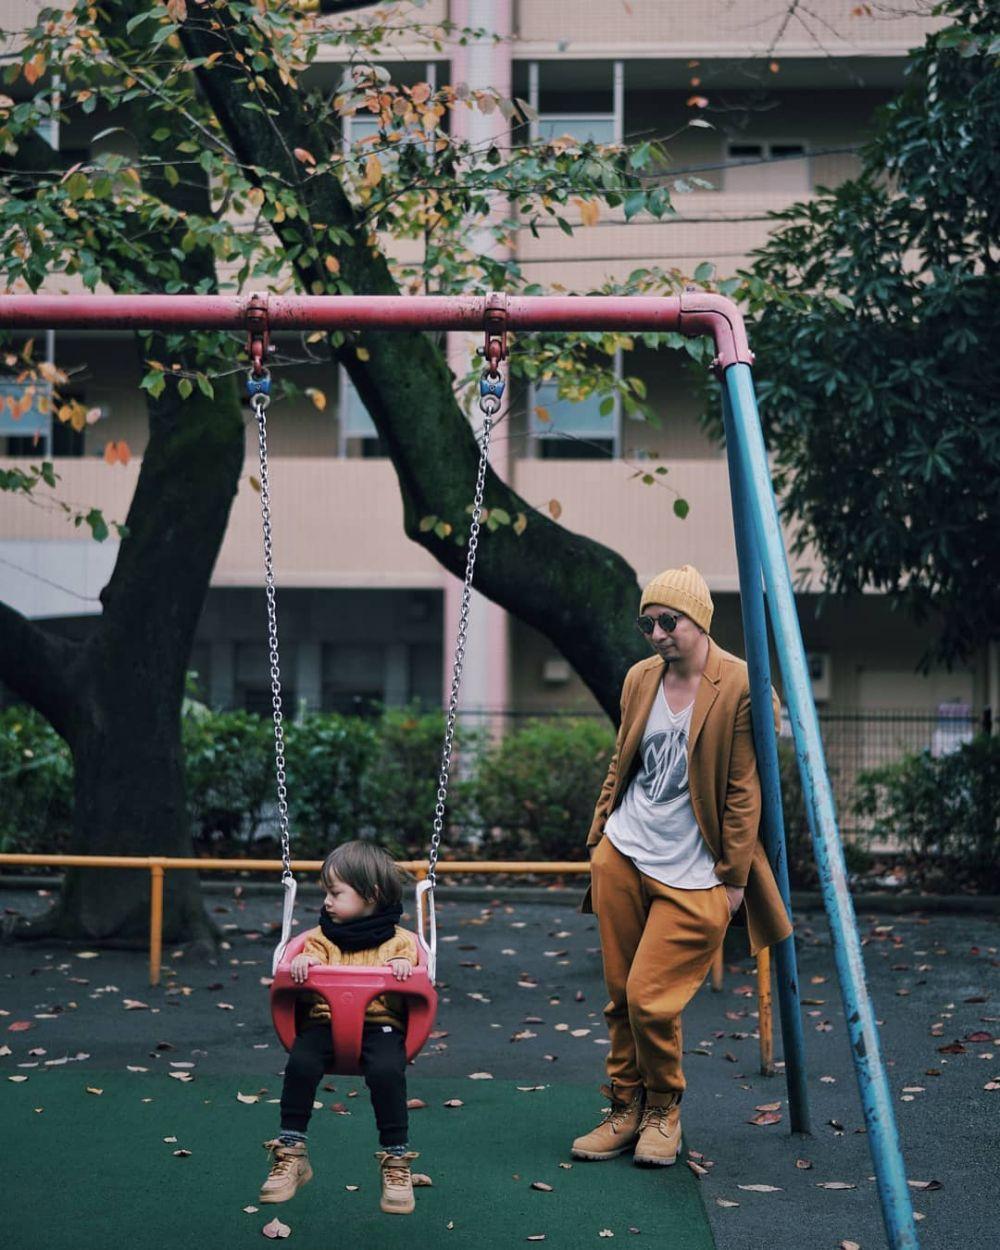 seleb kembaran sama anak  © 2019 brilio.net